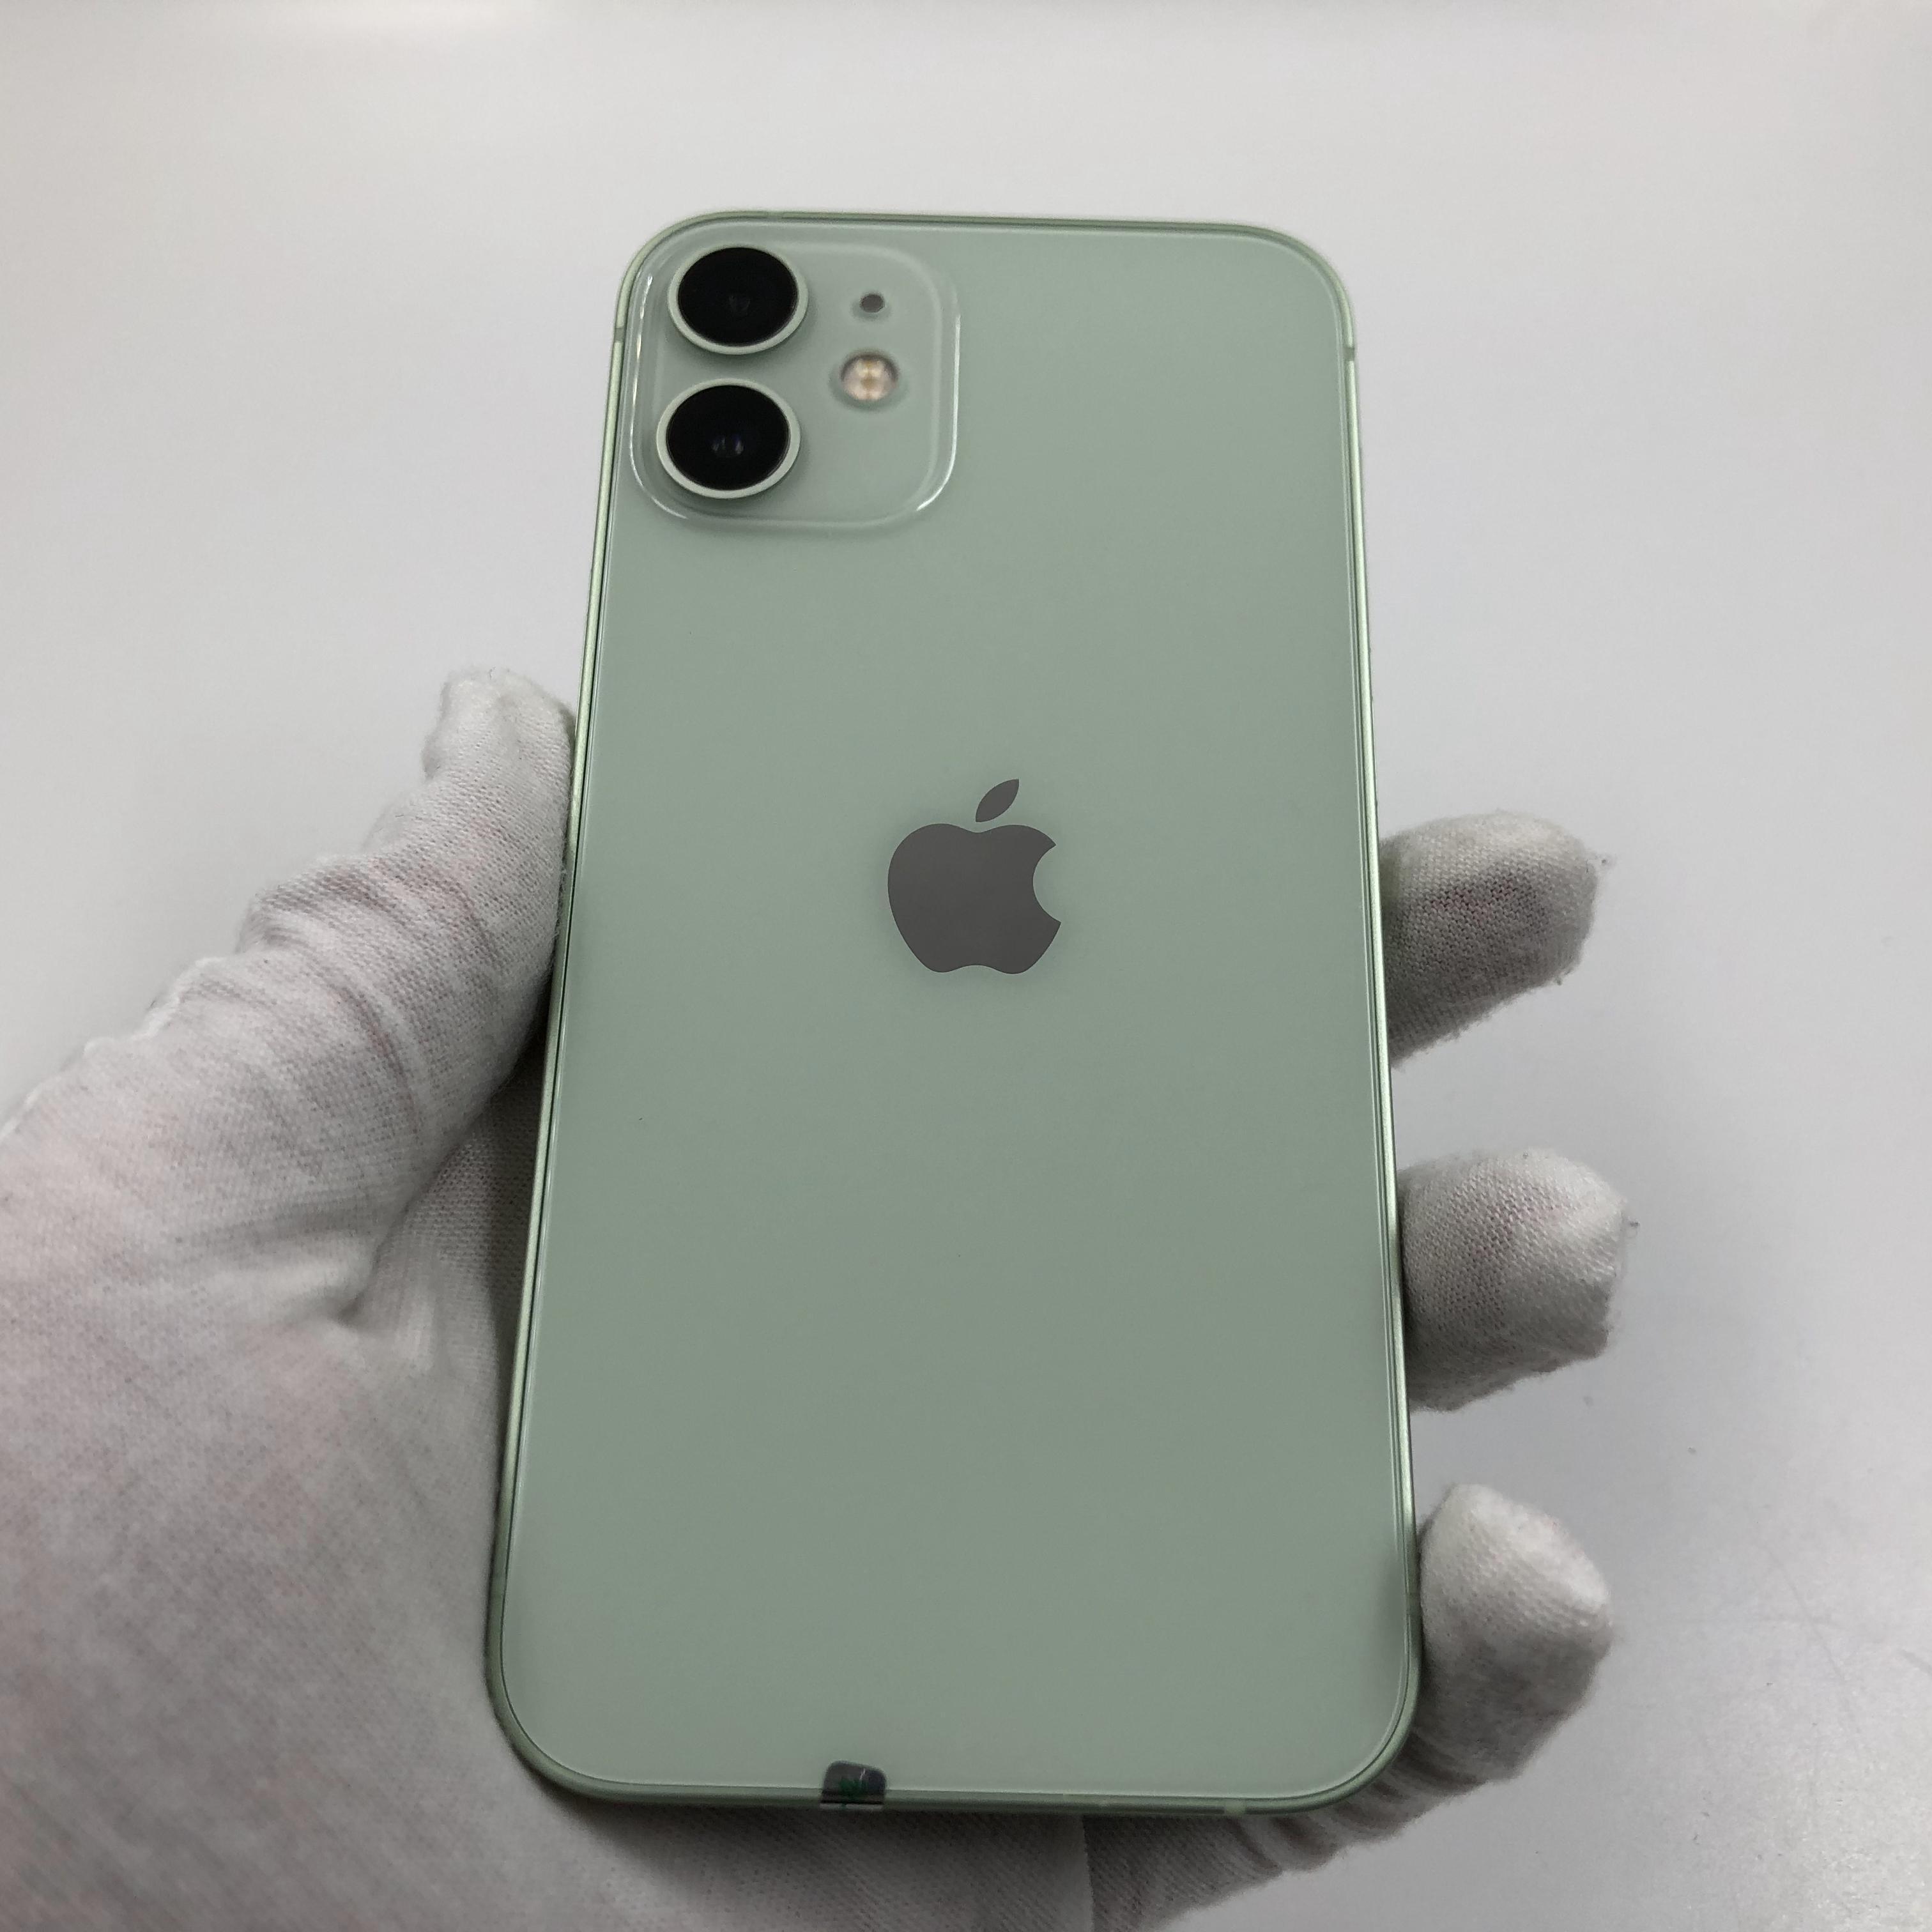 苹果【iPhone 12 mini】5G全网通 绿色 64G 国行 99新 真机实拍官保2022-04-10